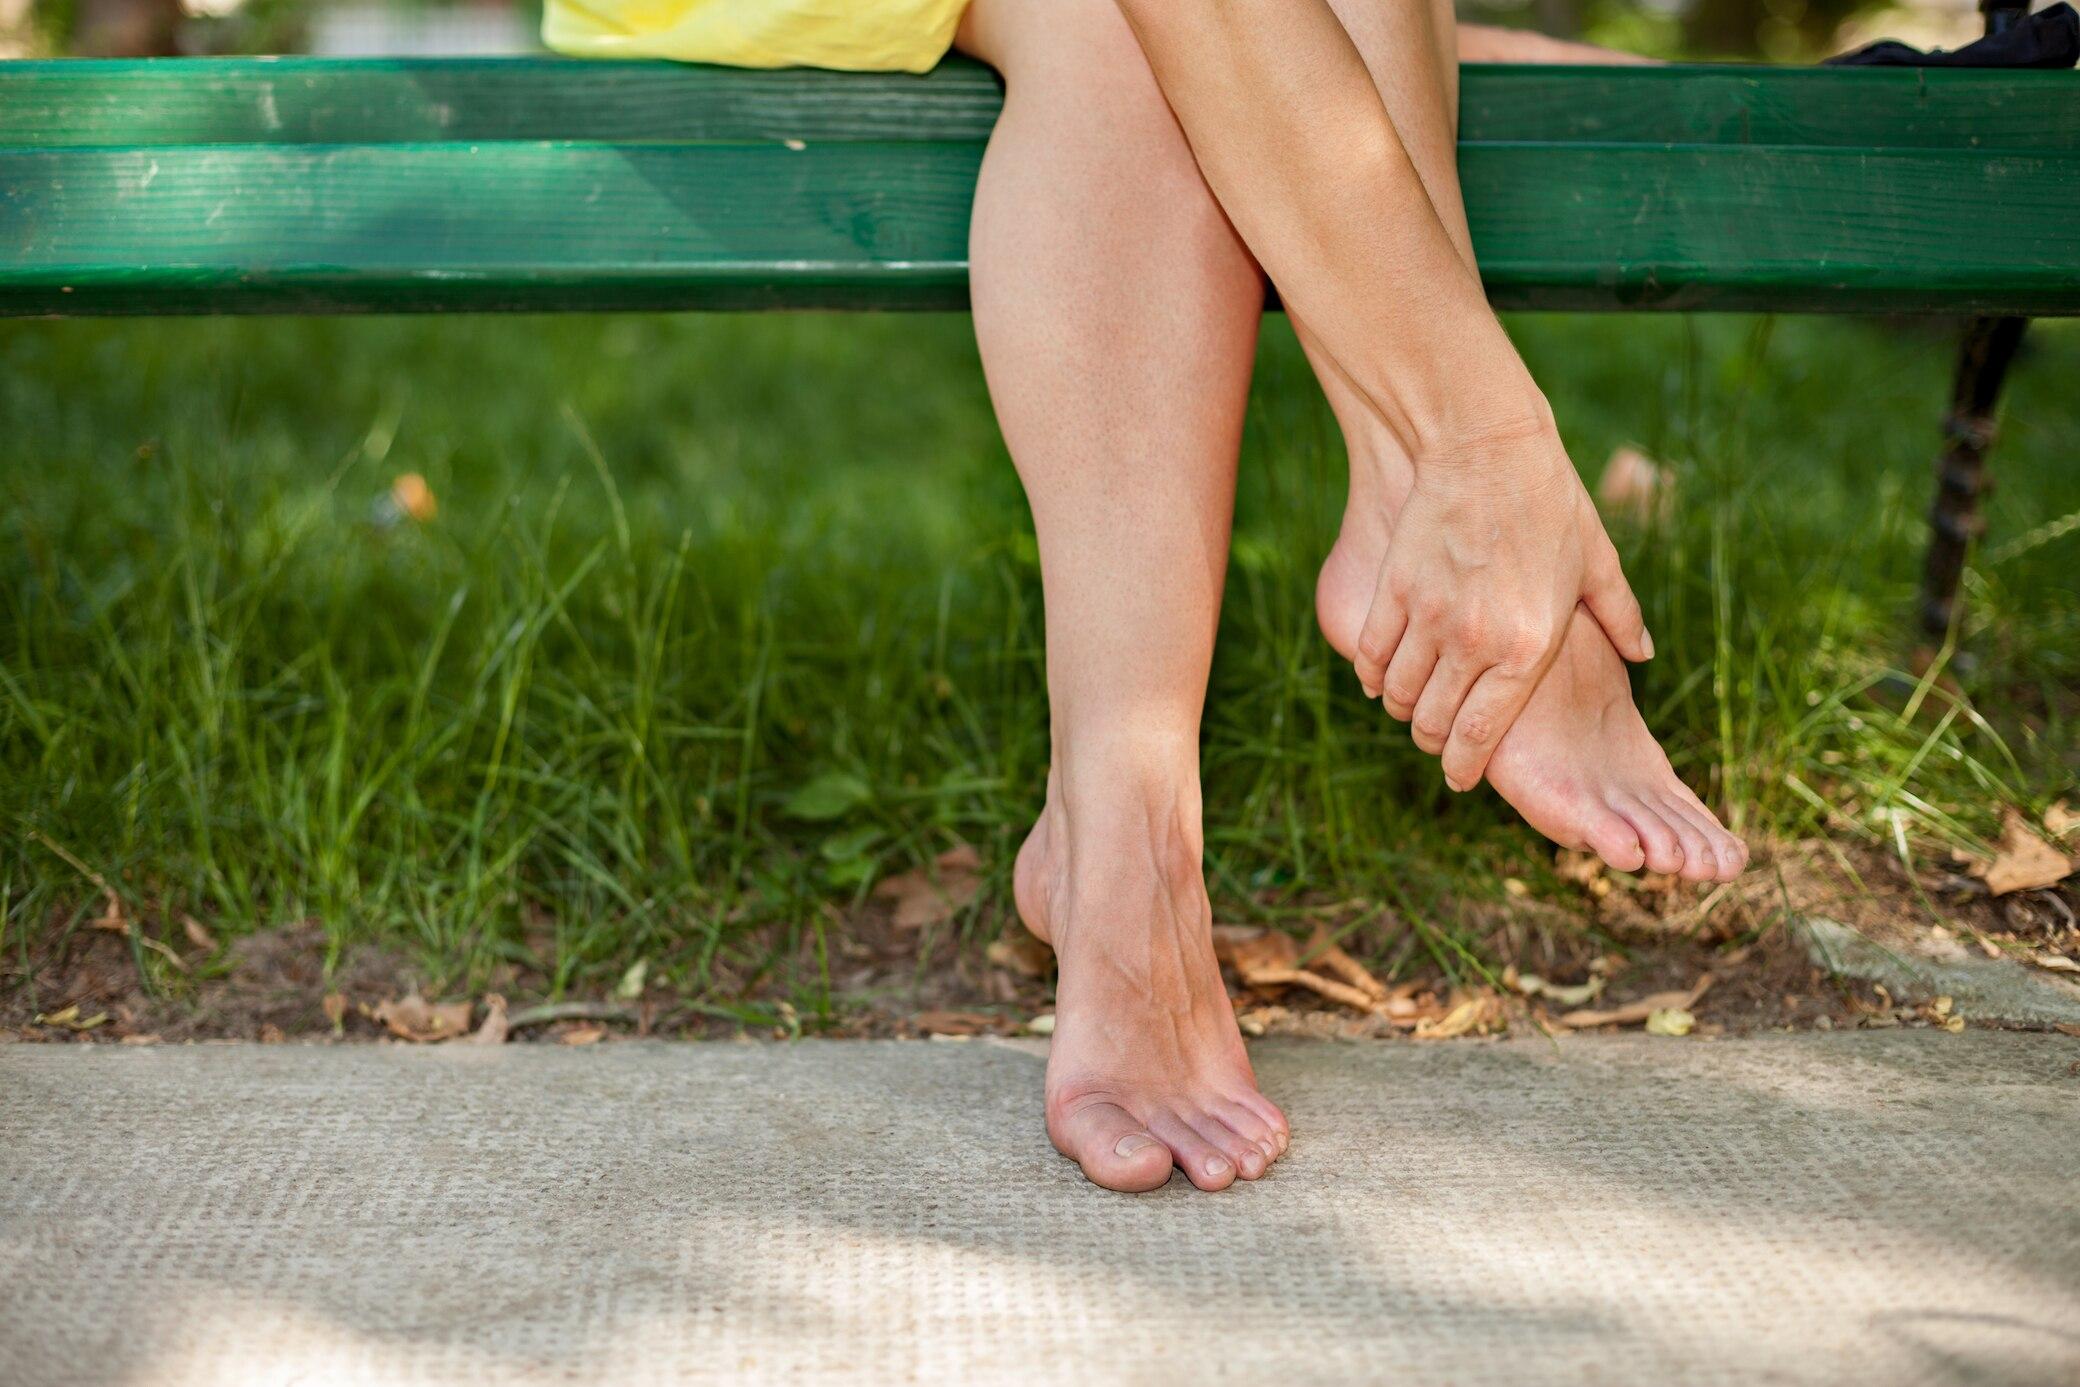 Geschwollene Beine und Füße: Ursachen und Abhilfe